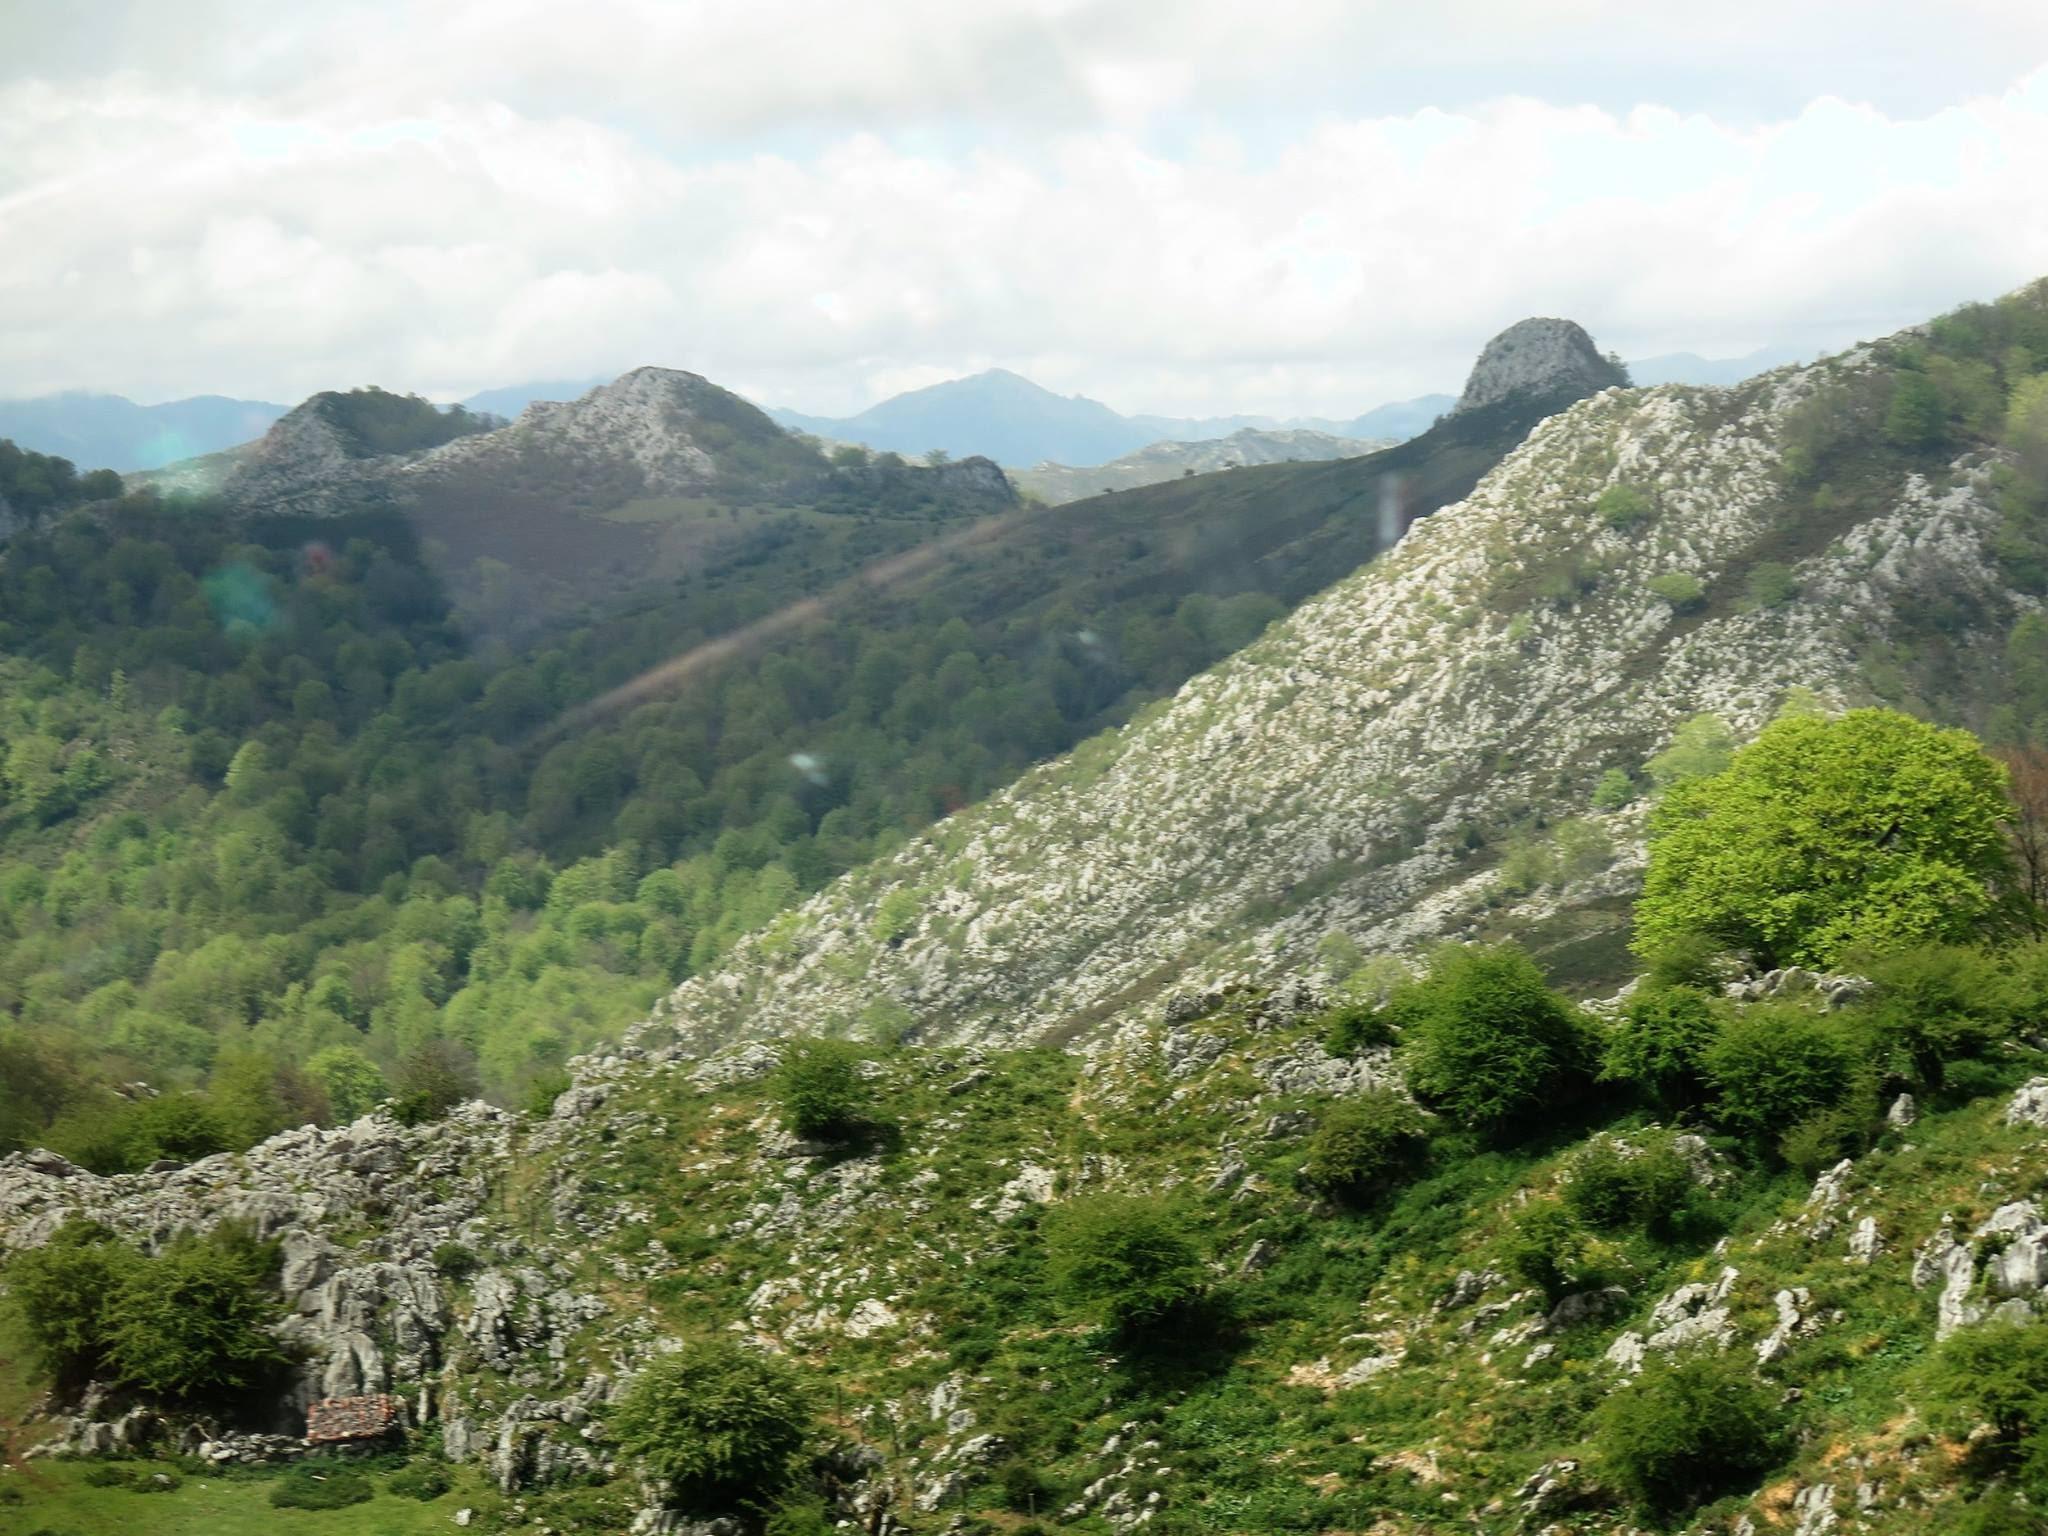 2017.05.2 y3 - Viaje Covadonga Sector Hnos. Mayores (12)